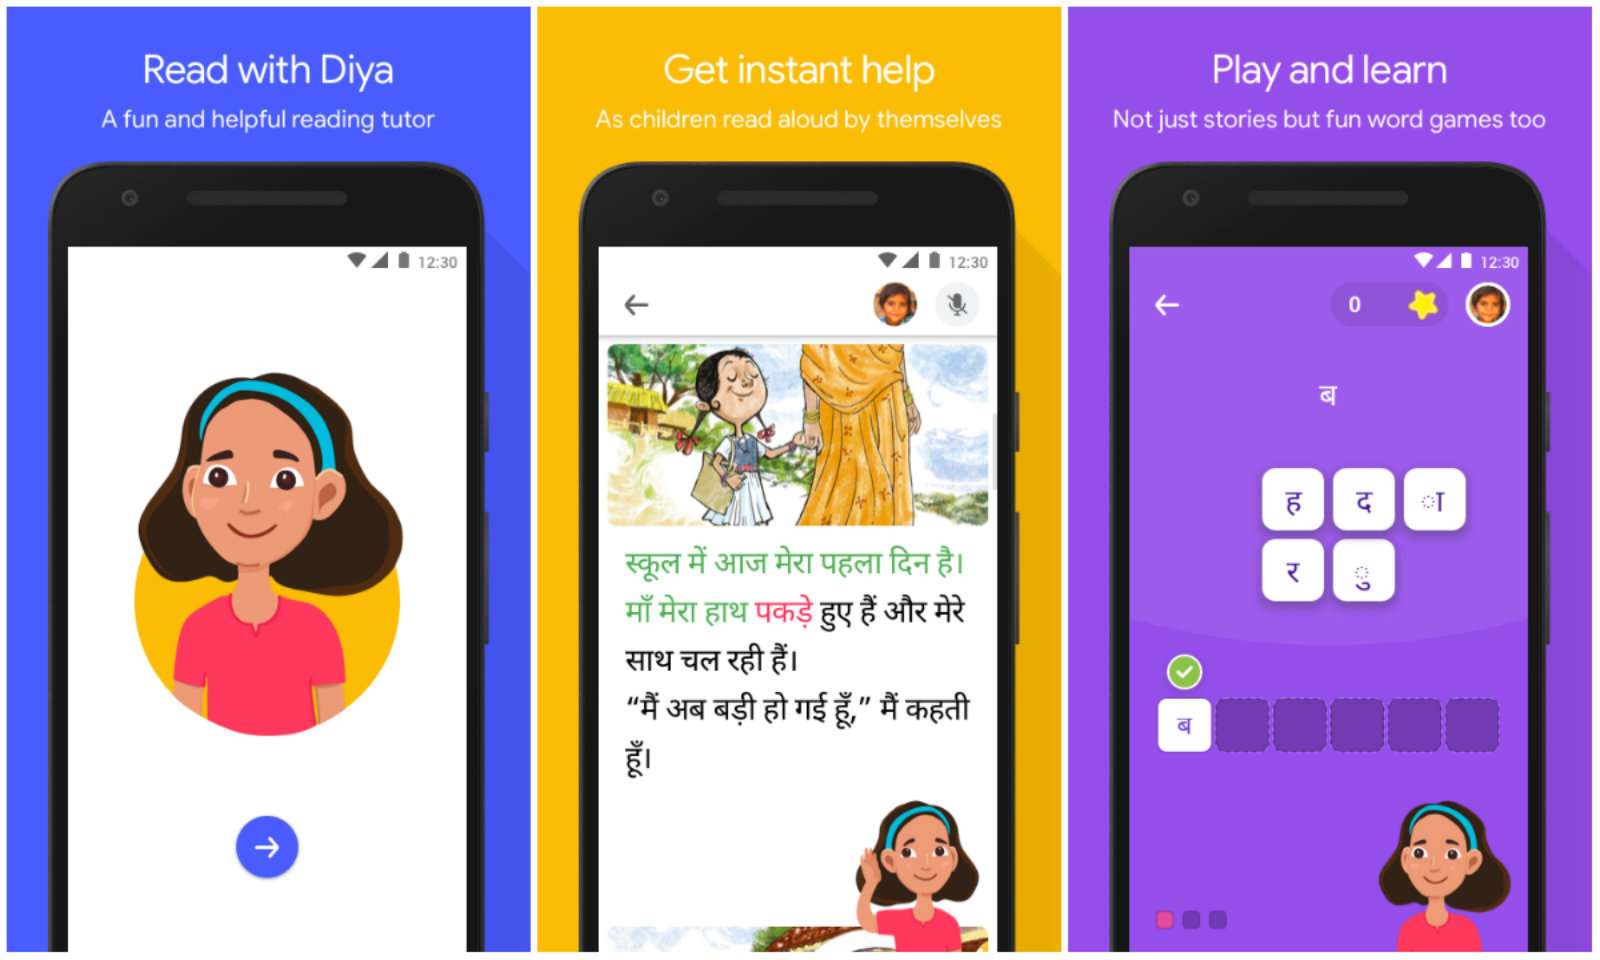 Bolo: la app de Google que ayuda a los niños a aprender a leer